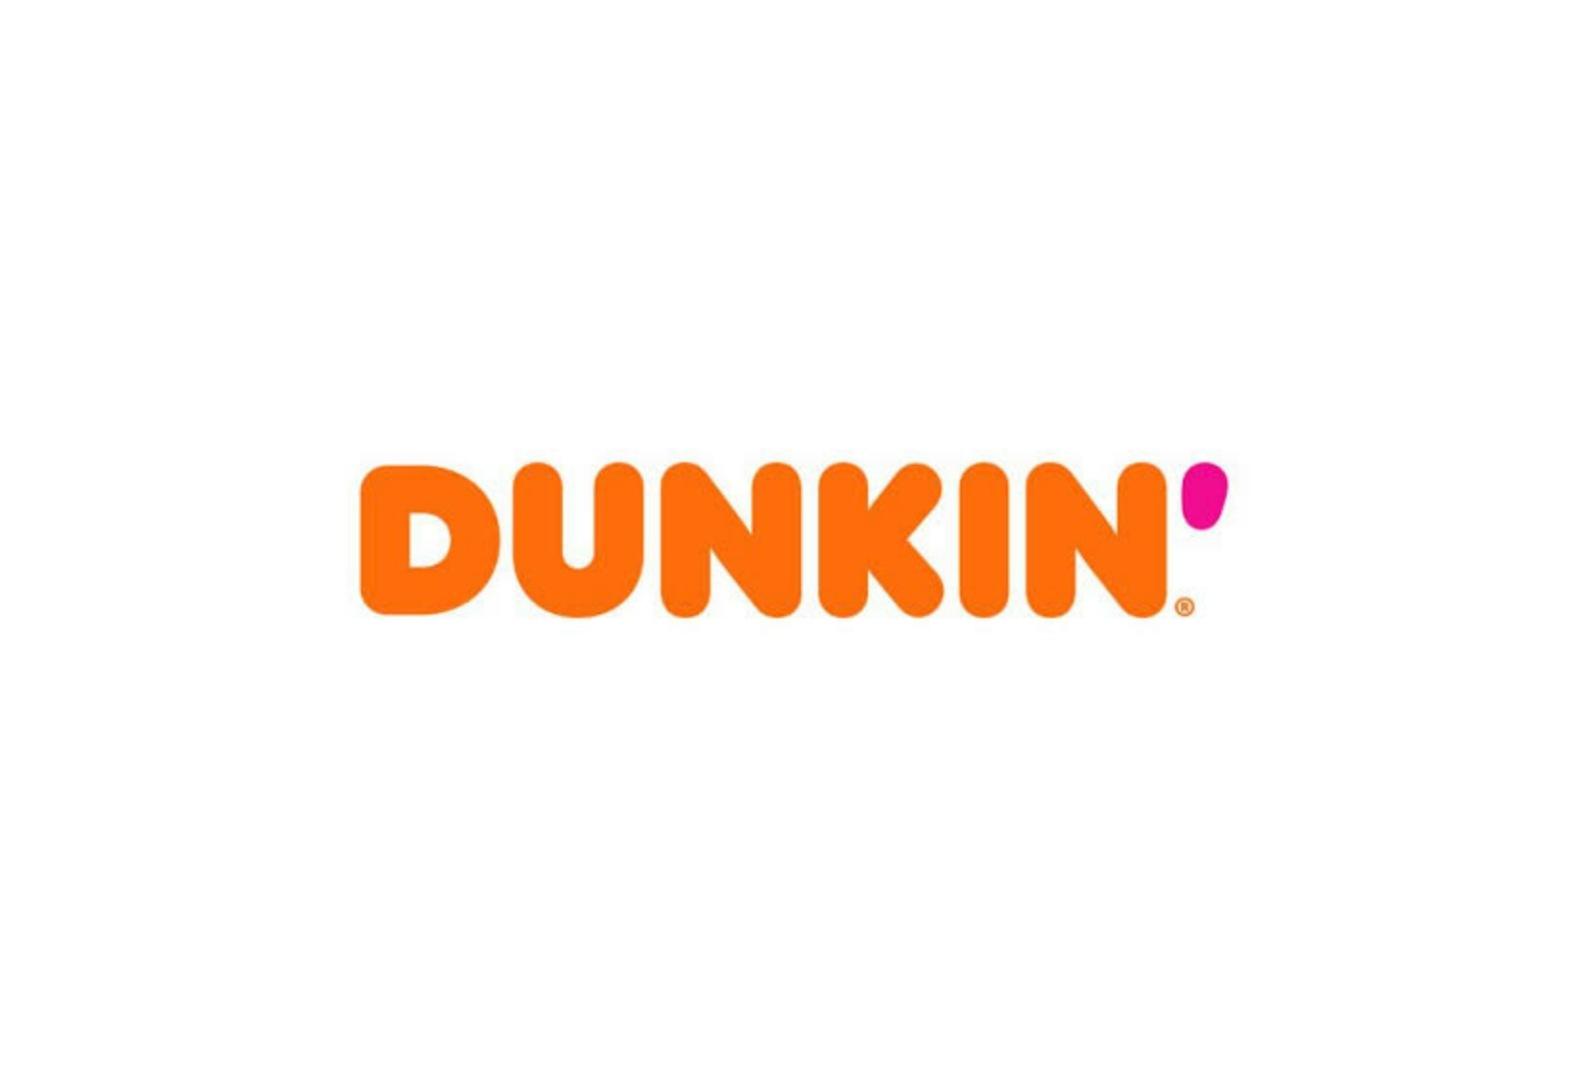 Dunkin' Jobs in Canada